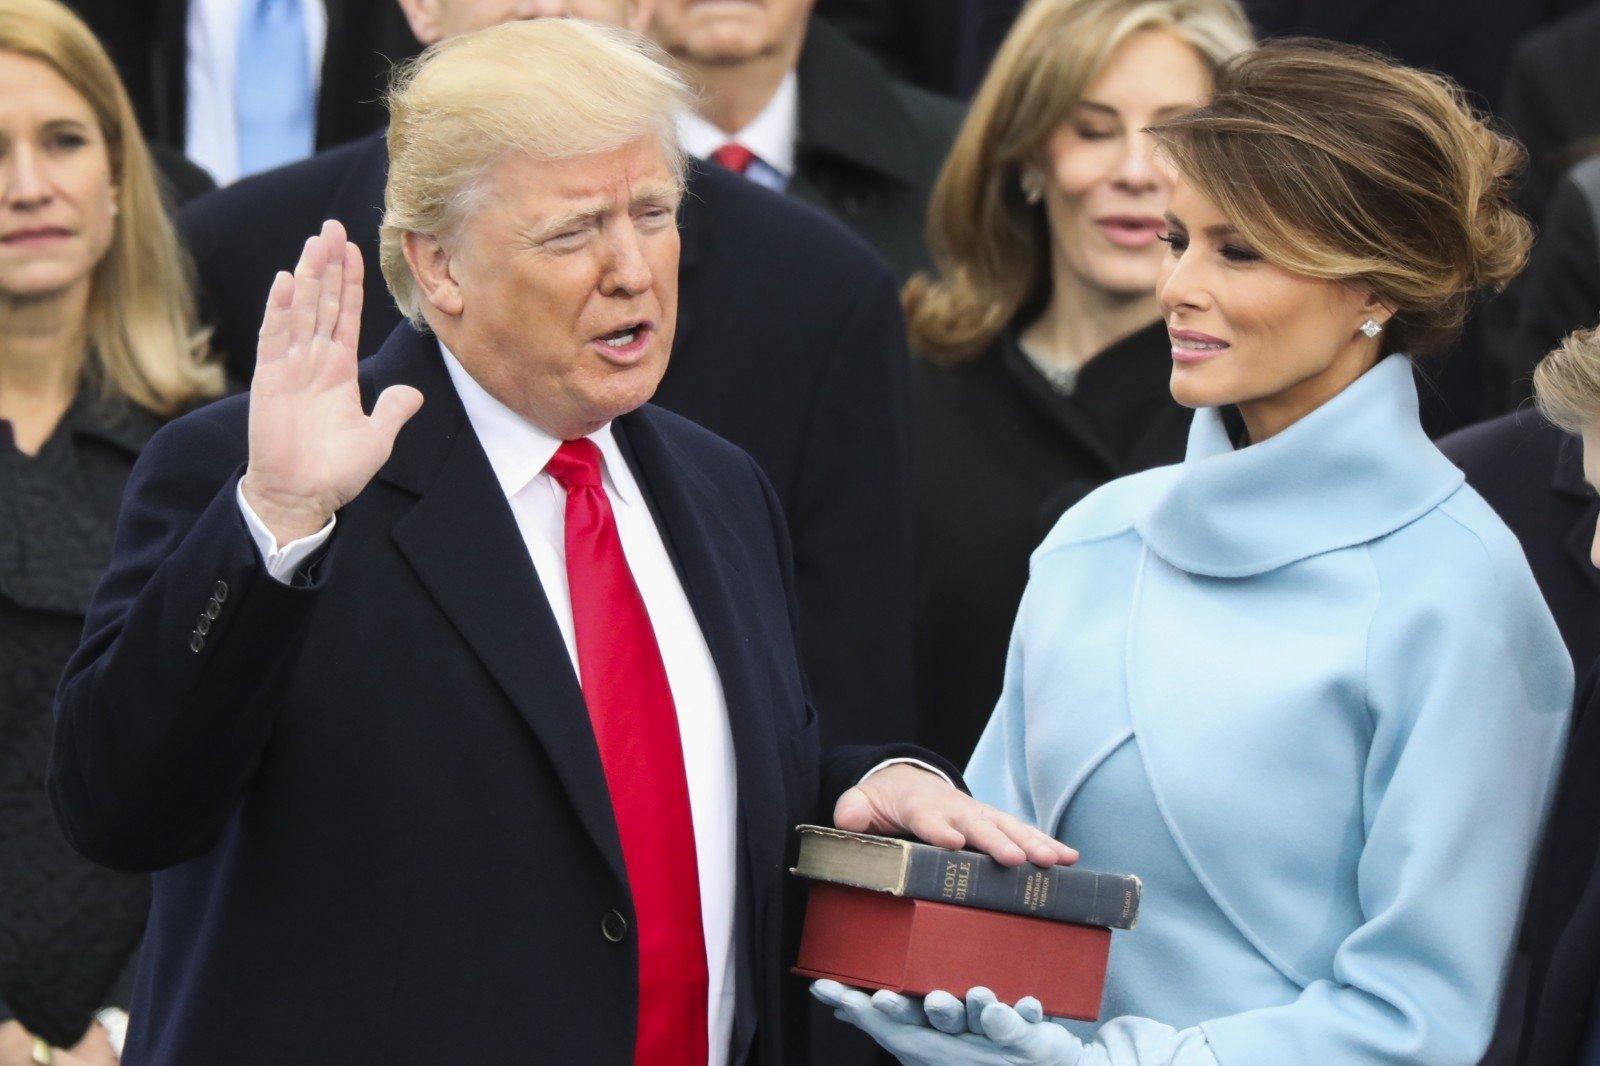 Дональд Трамп вобращении кЦРУ призвал разгромитьИГ